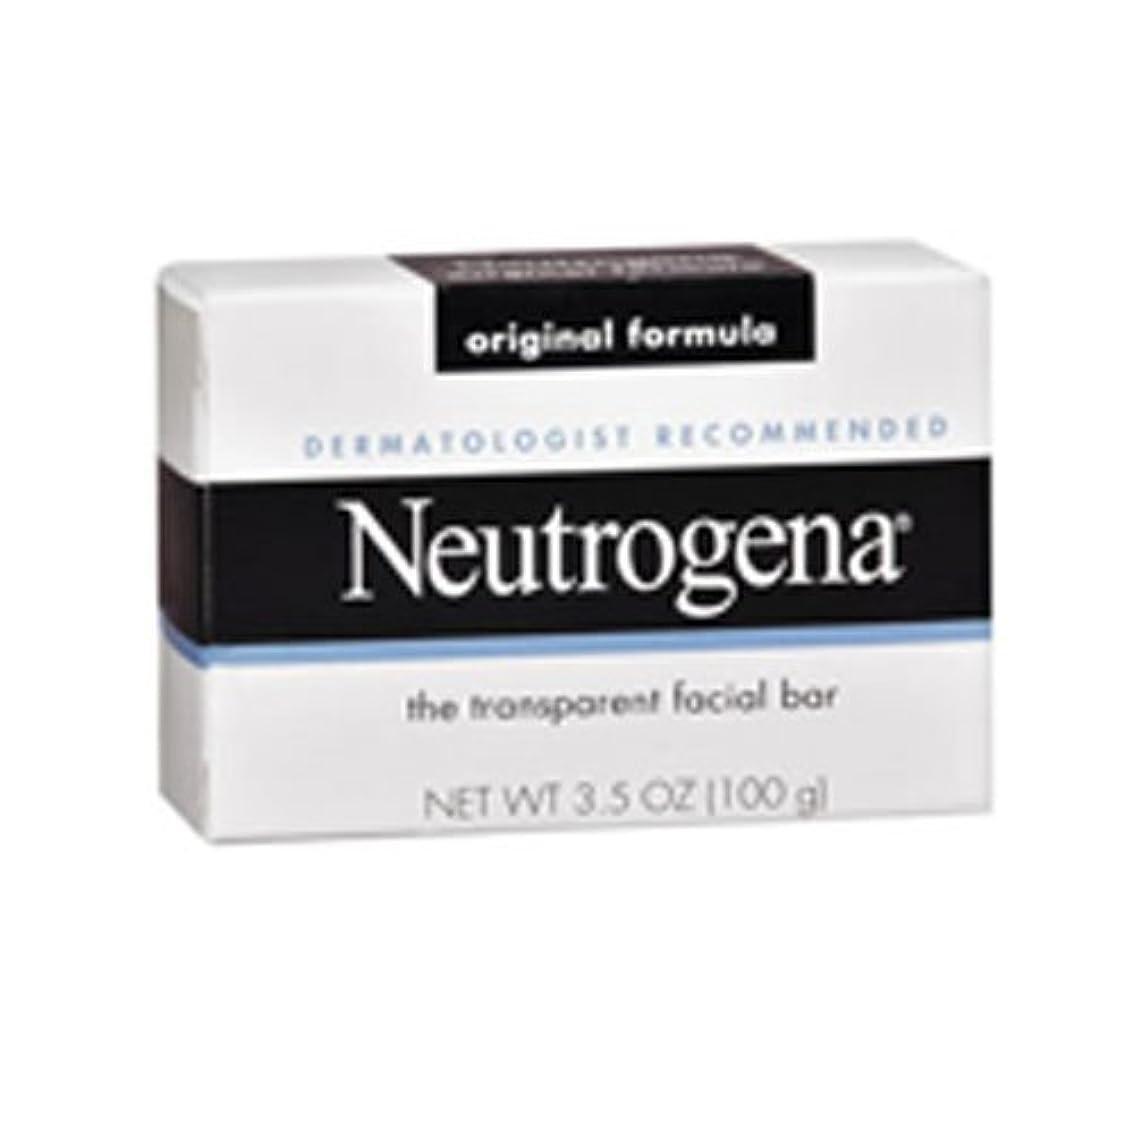 はさみ自発的南方の海外直送肘 Neutrogena Transparent Facial Soap Bar, 3.5 oz